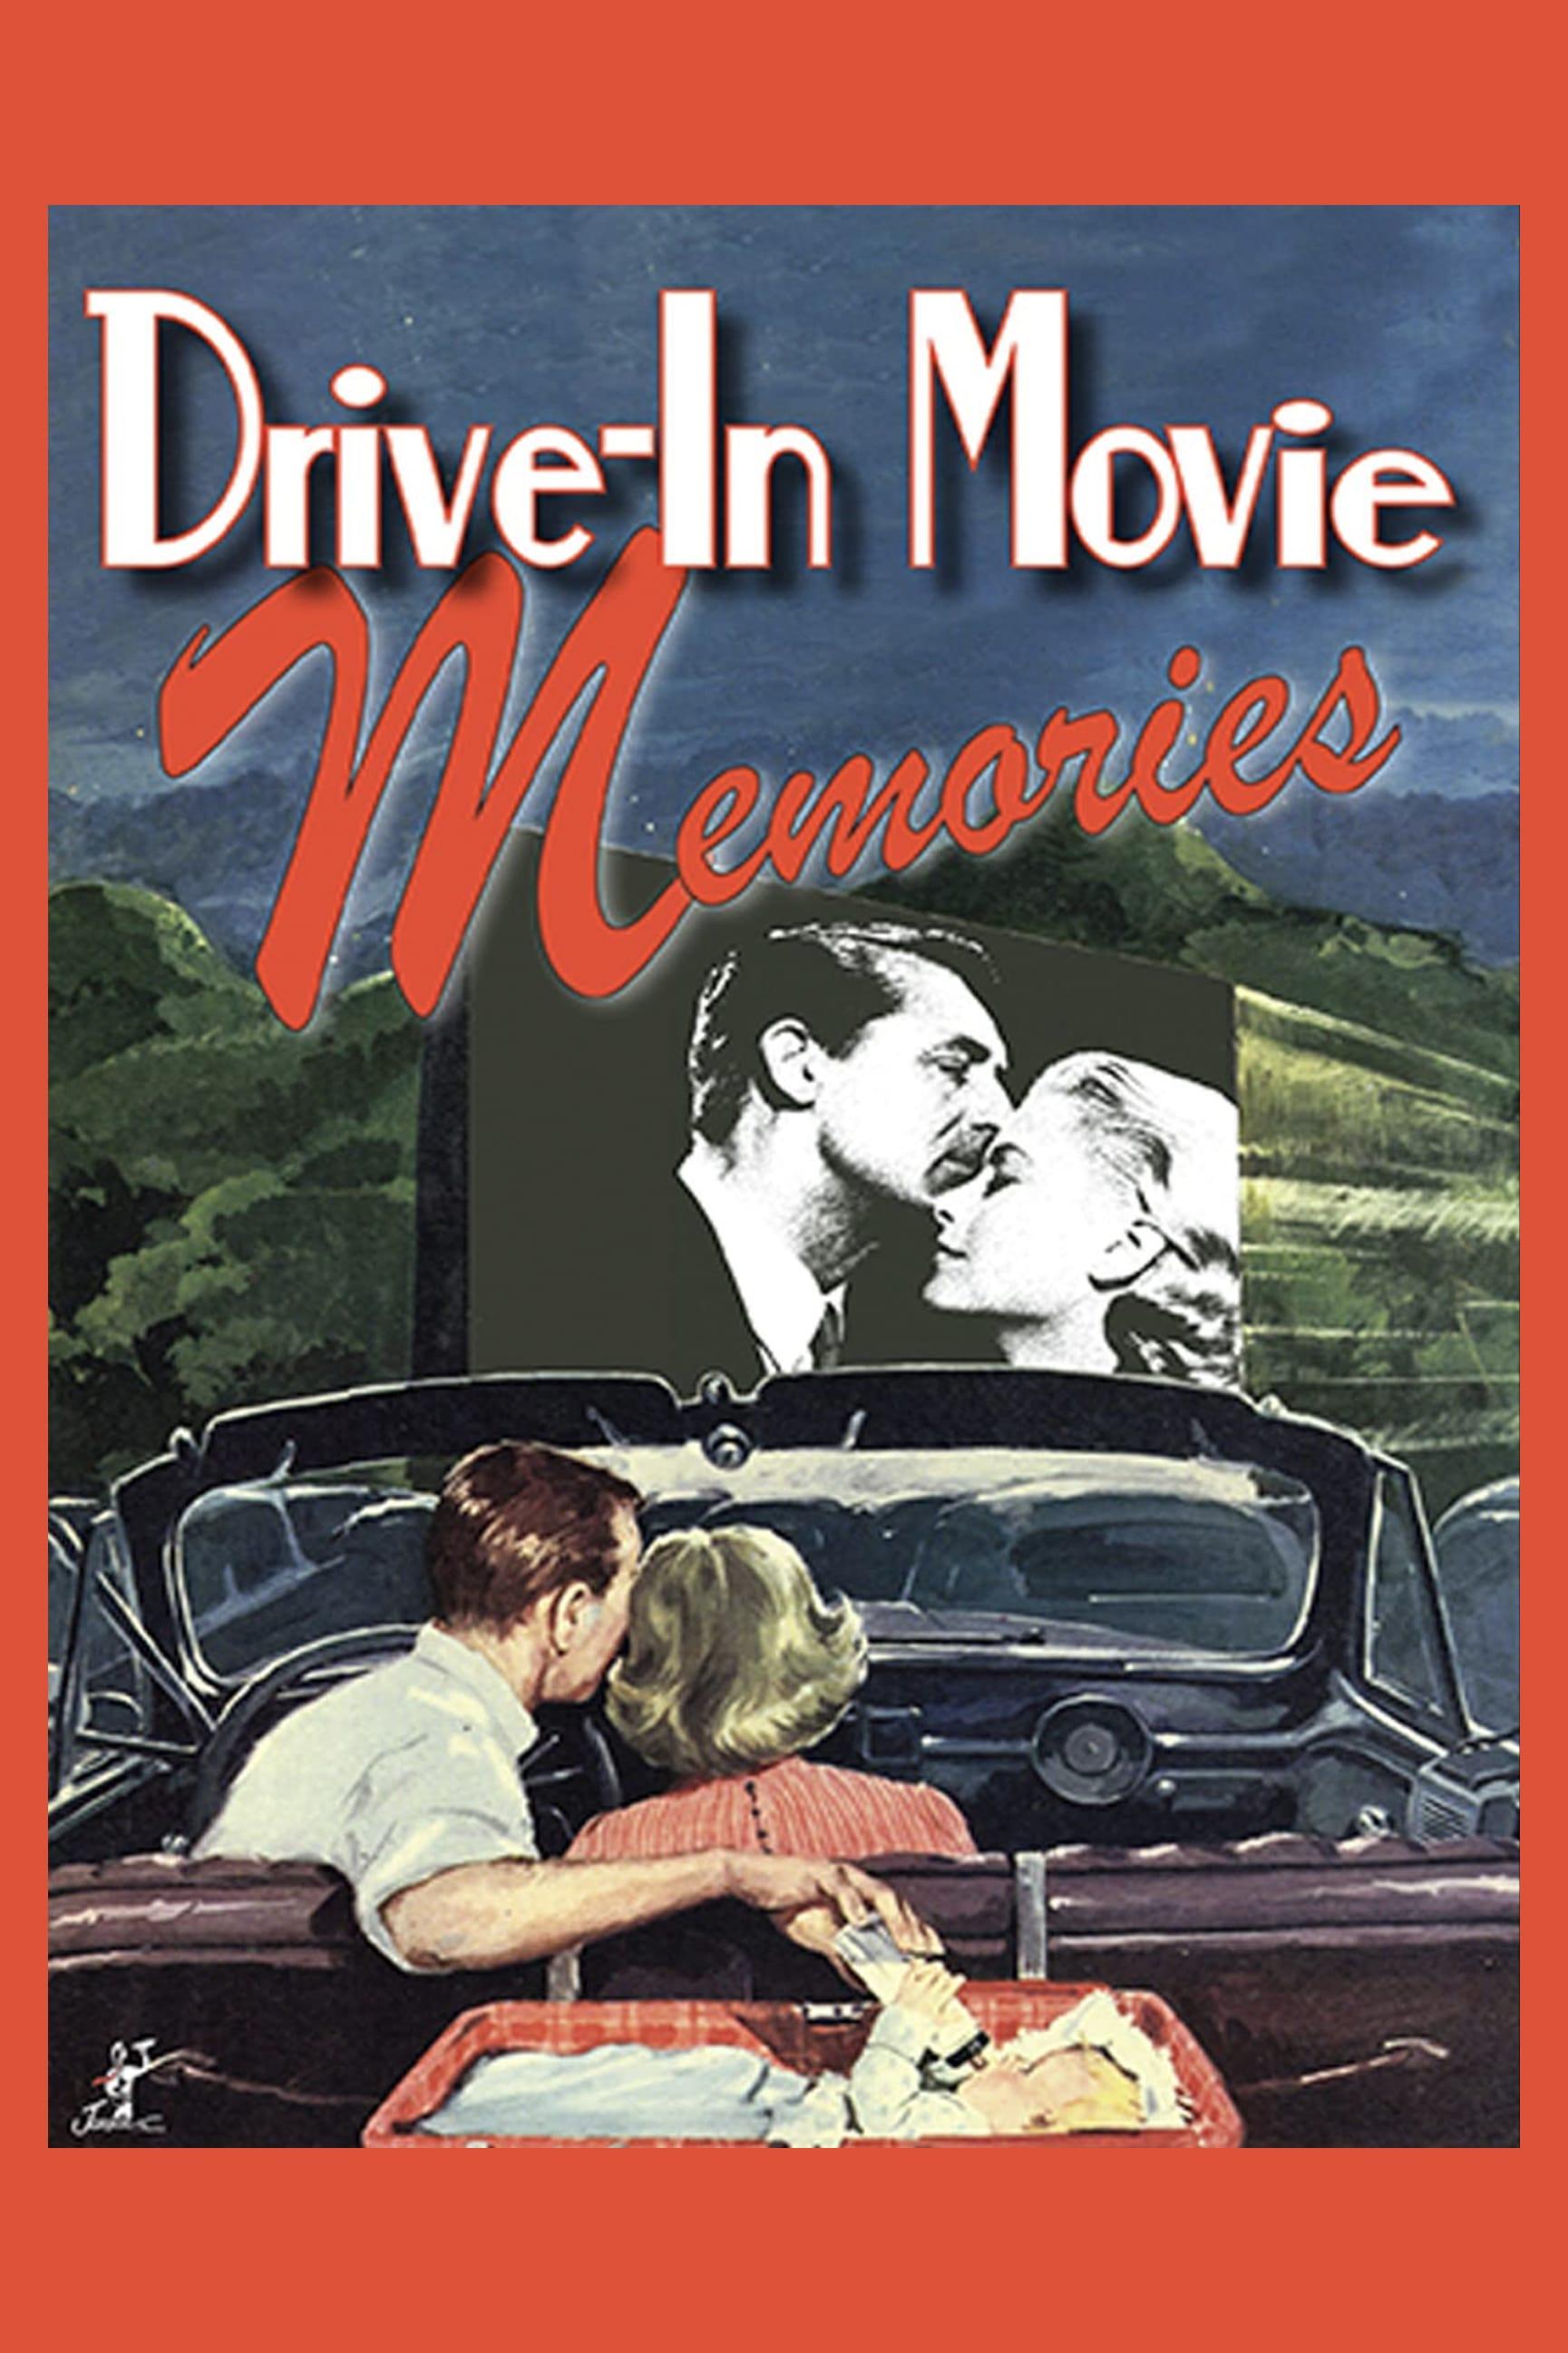 Drive-In Movie Memories